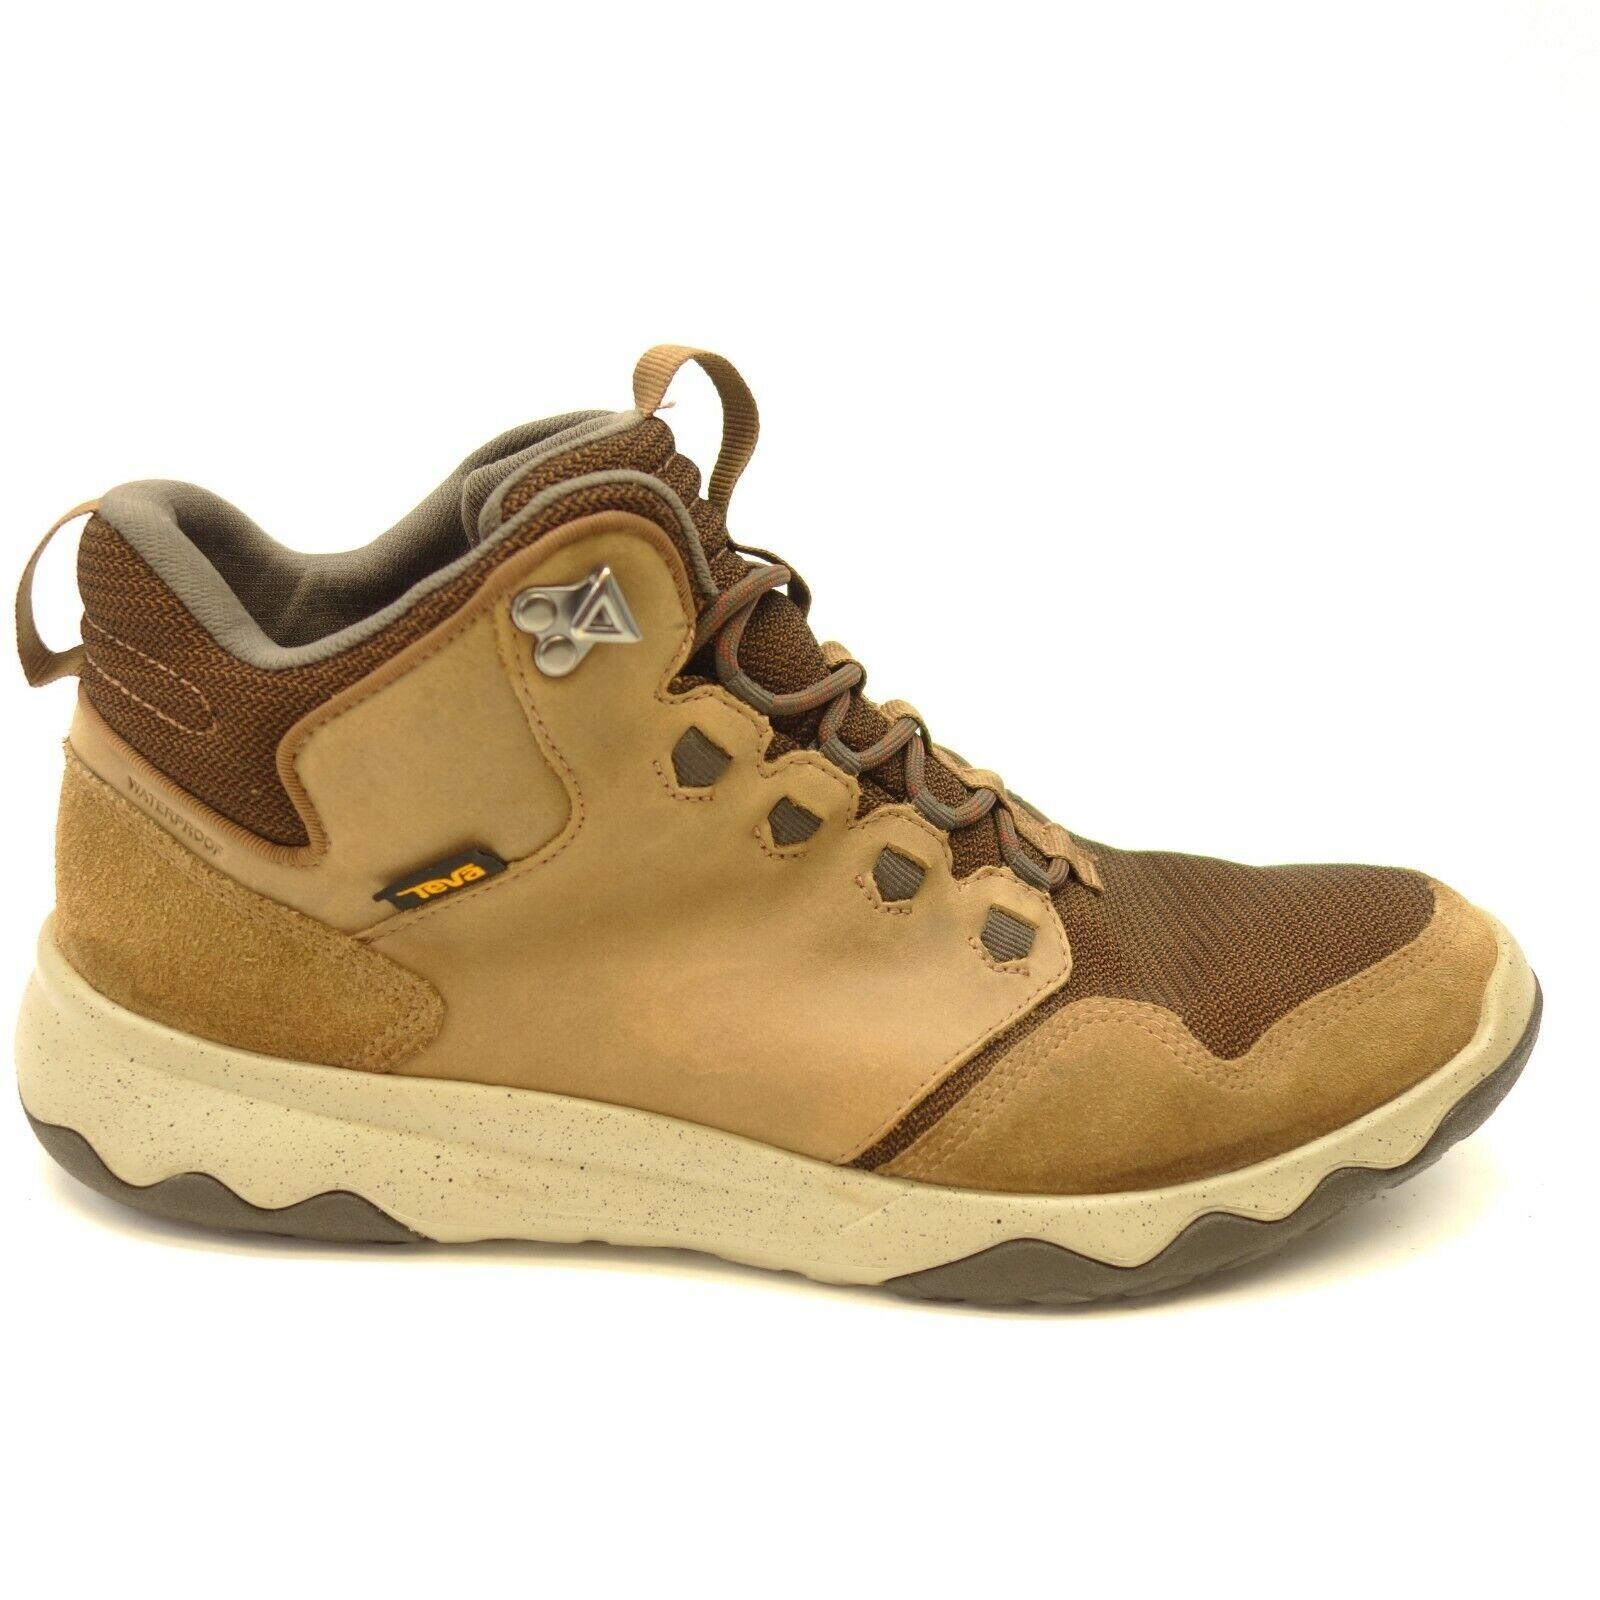 Teva Arrowood Riva US 13 Brown Mid Waterproof Hiking Trail Mens shoes